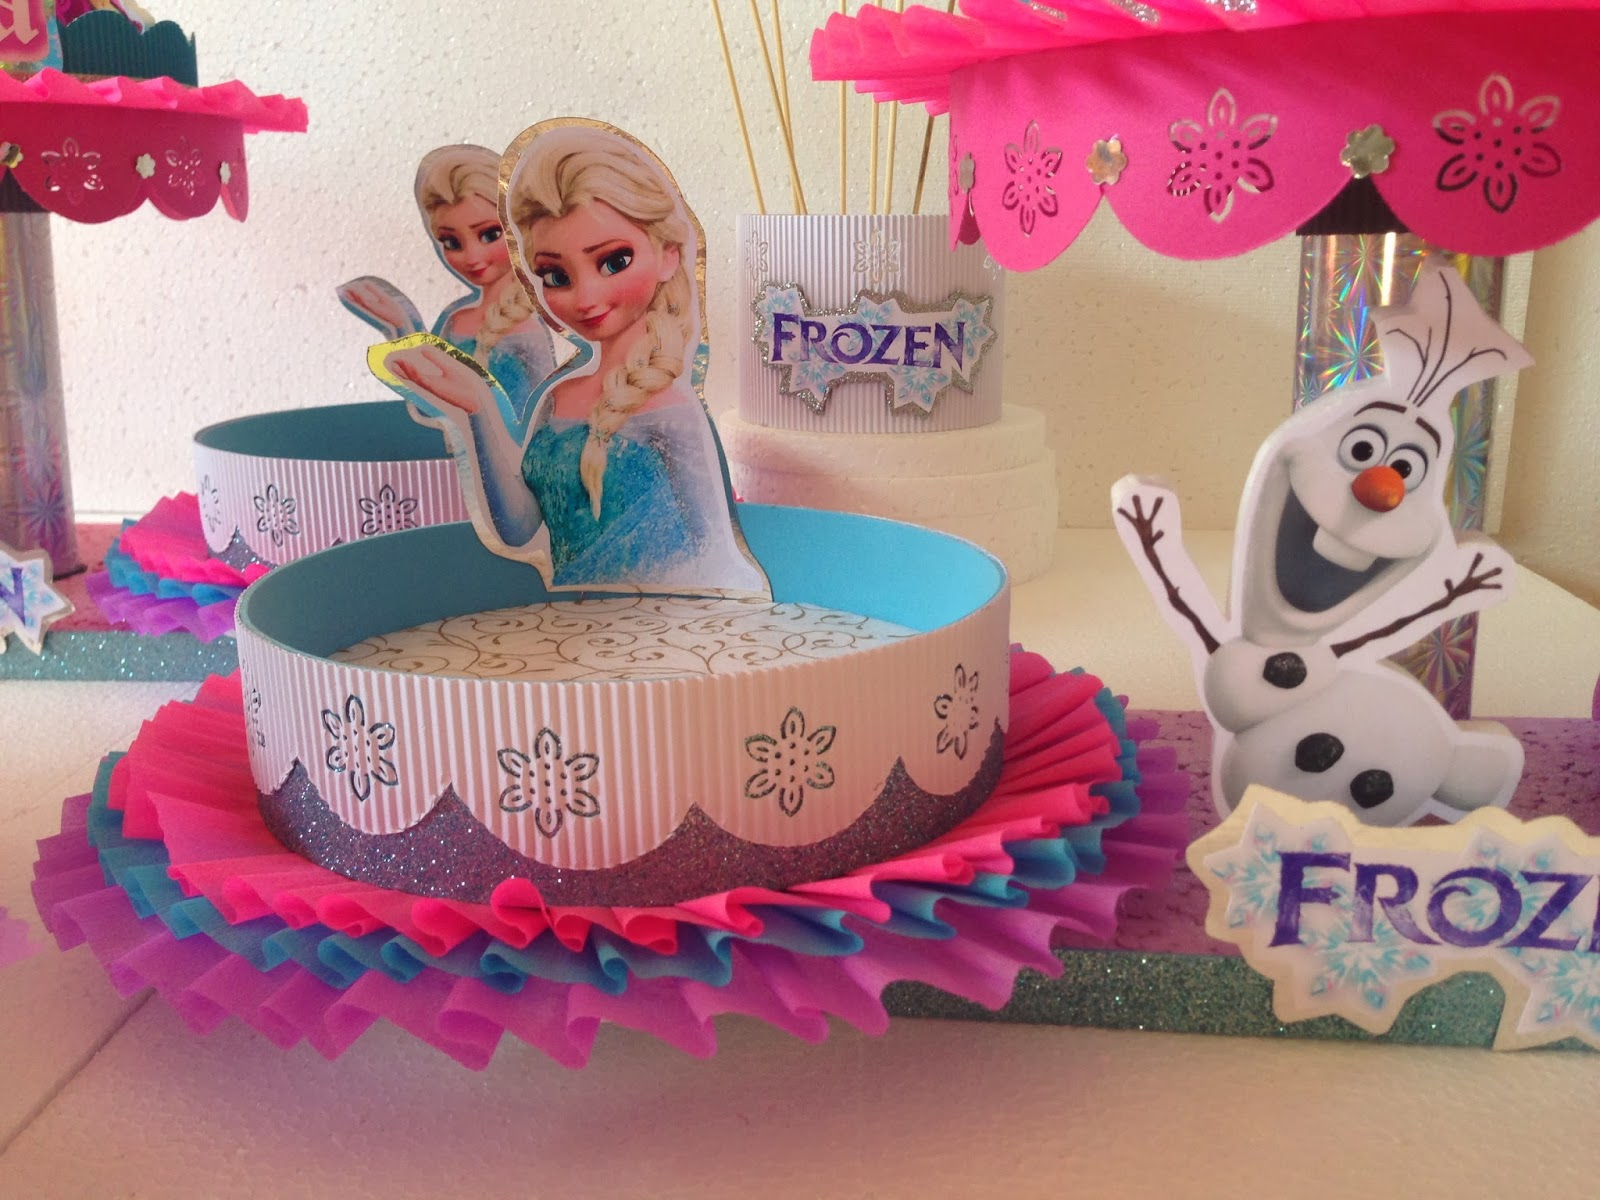 Decoraciones infantiles frozen for Decoraciones infantiles